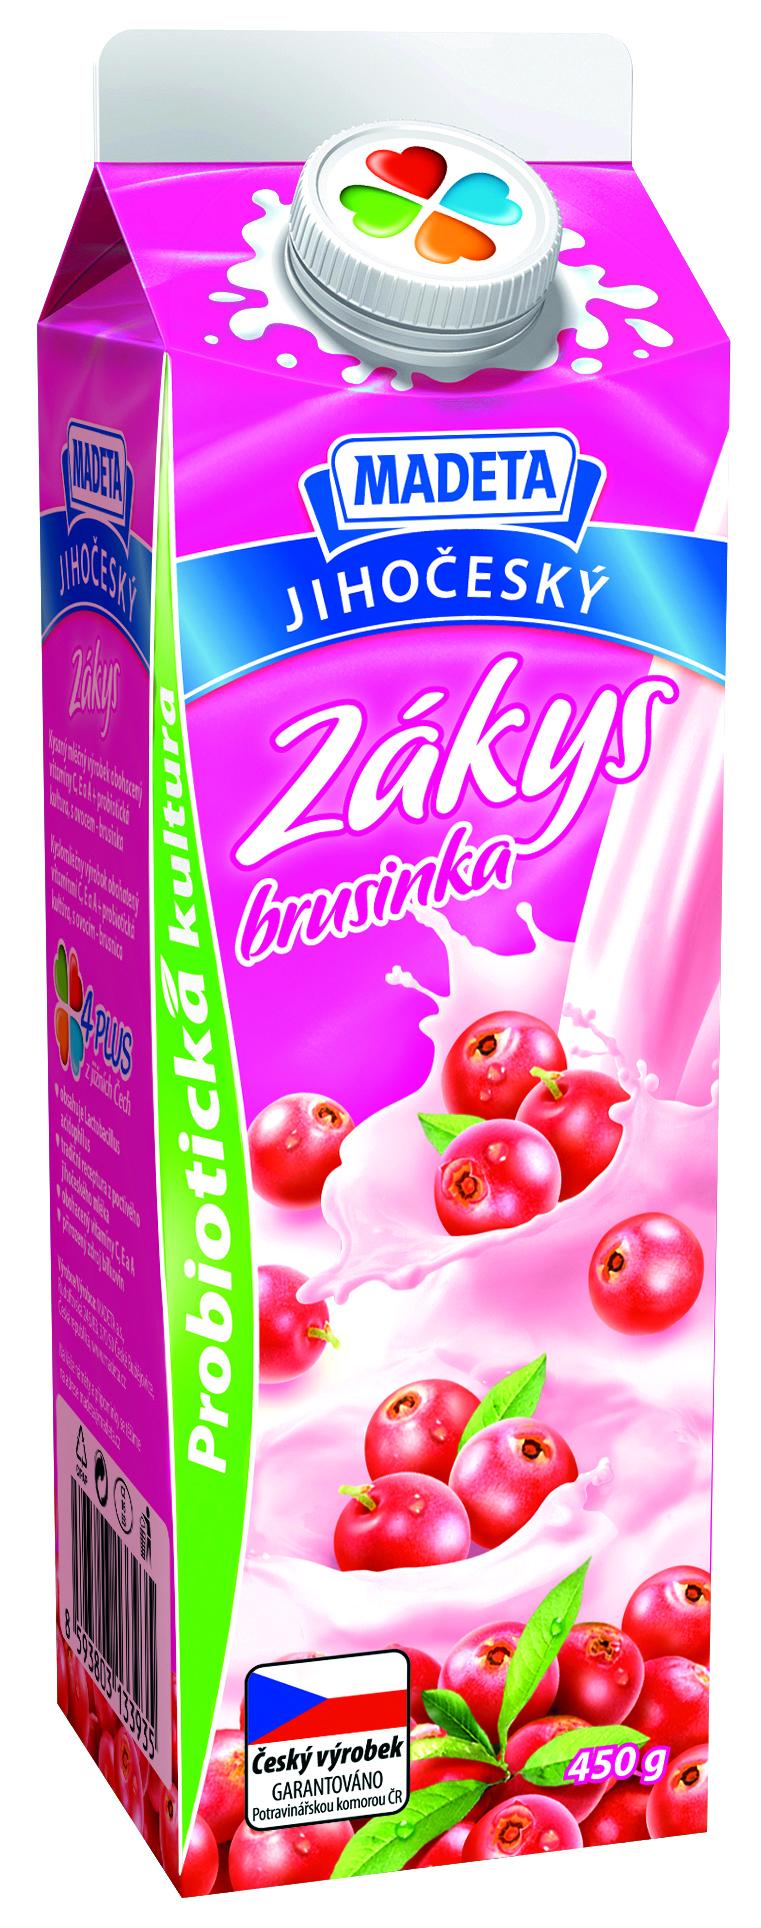 Značka Zákys brusinka